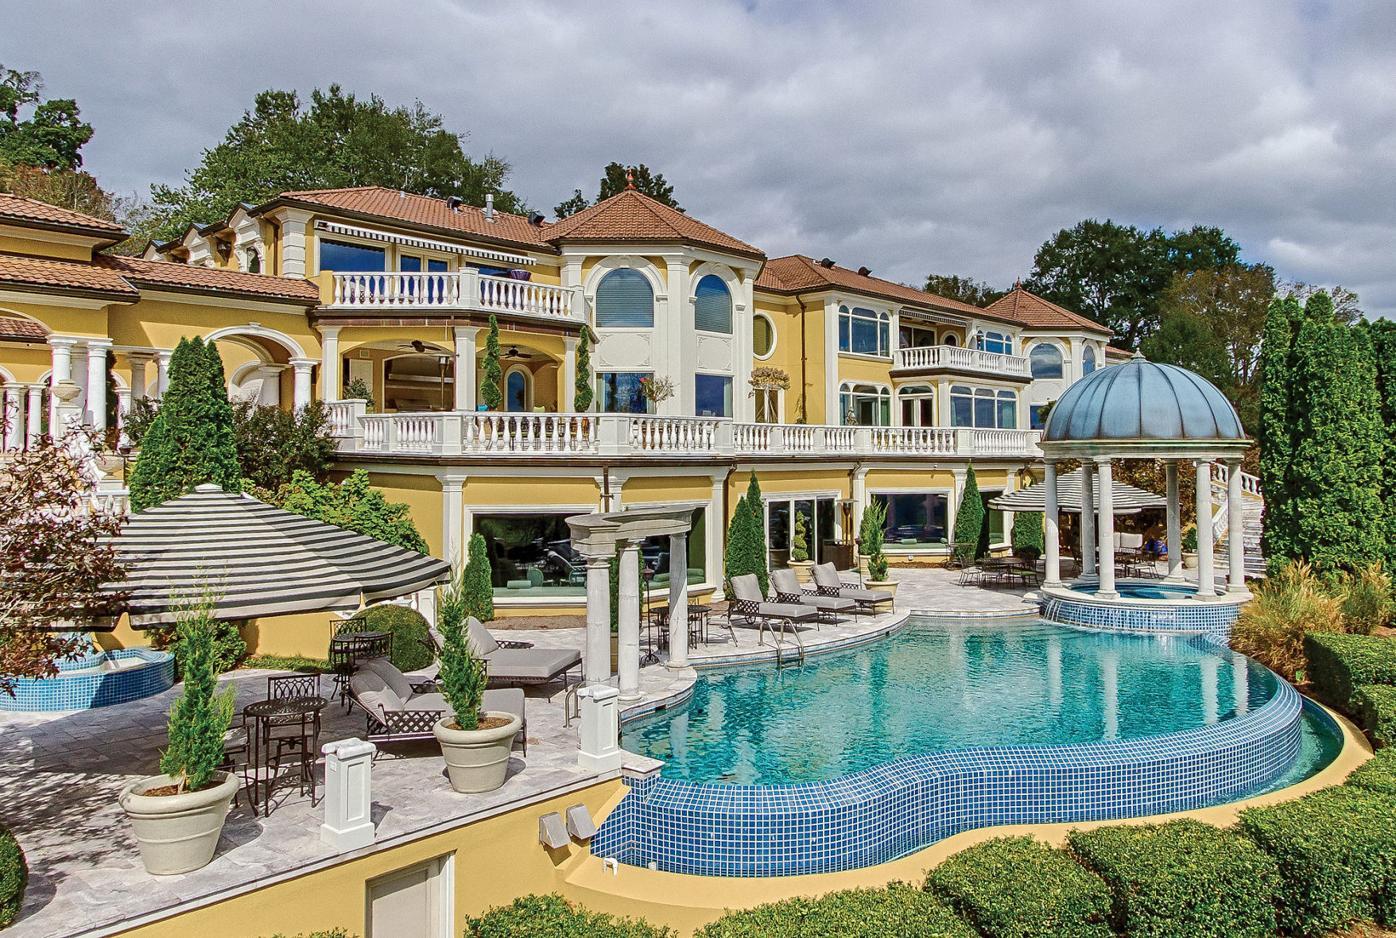 Villa Collina Riverfront View